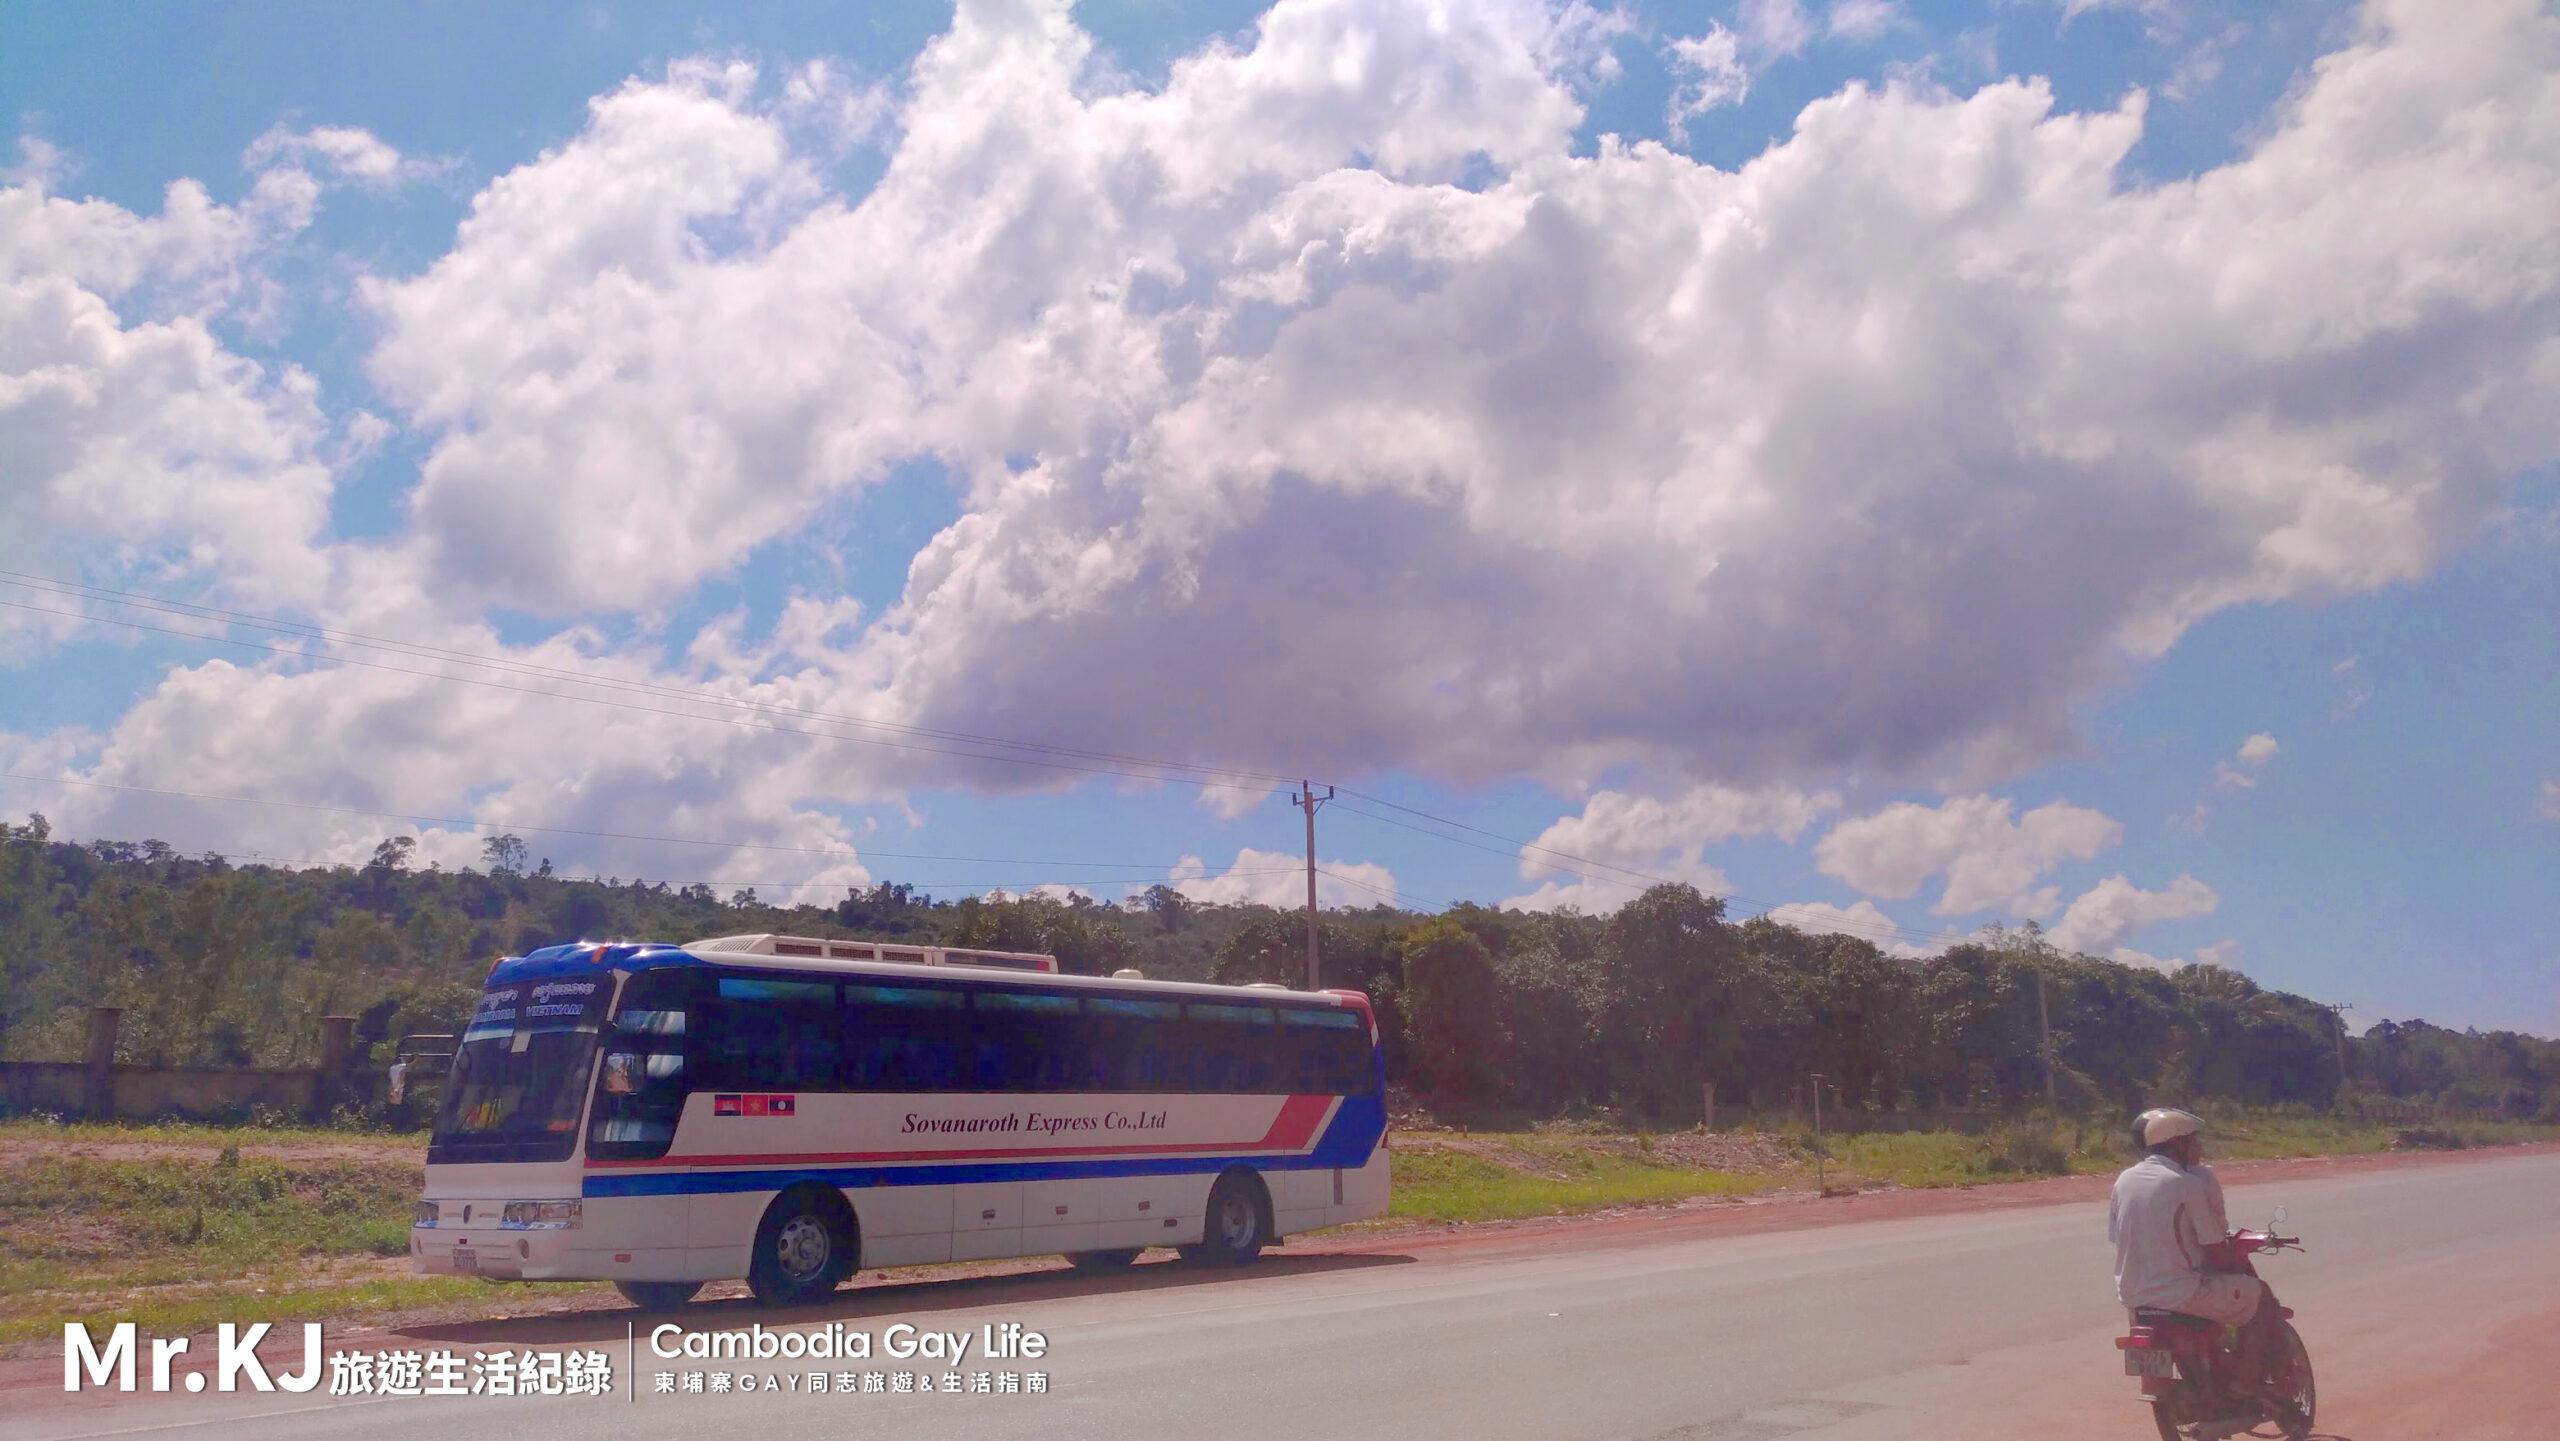 柬埔寨境內旅遊交通-境內巴士攻略篇